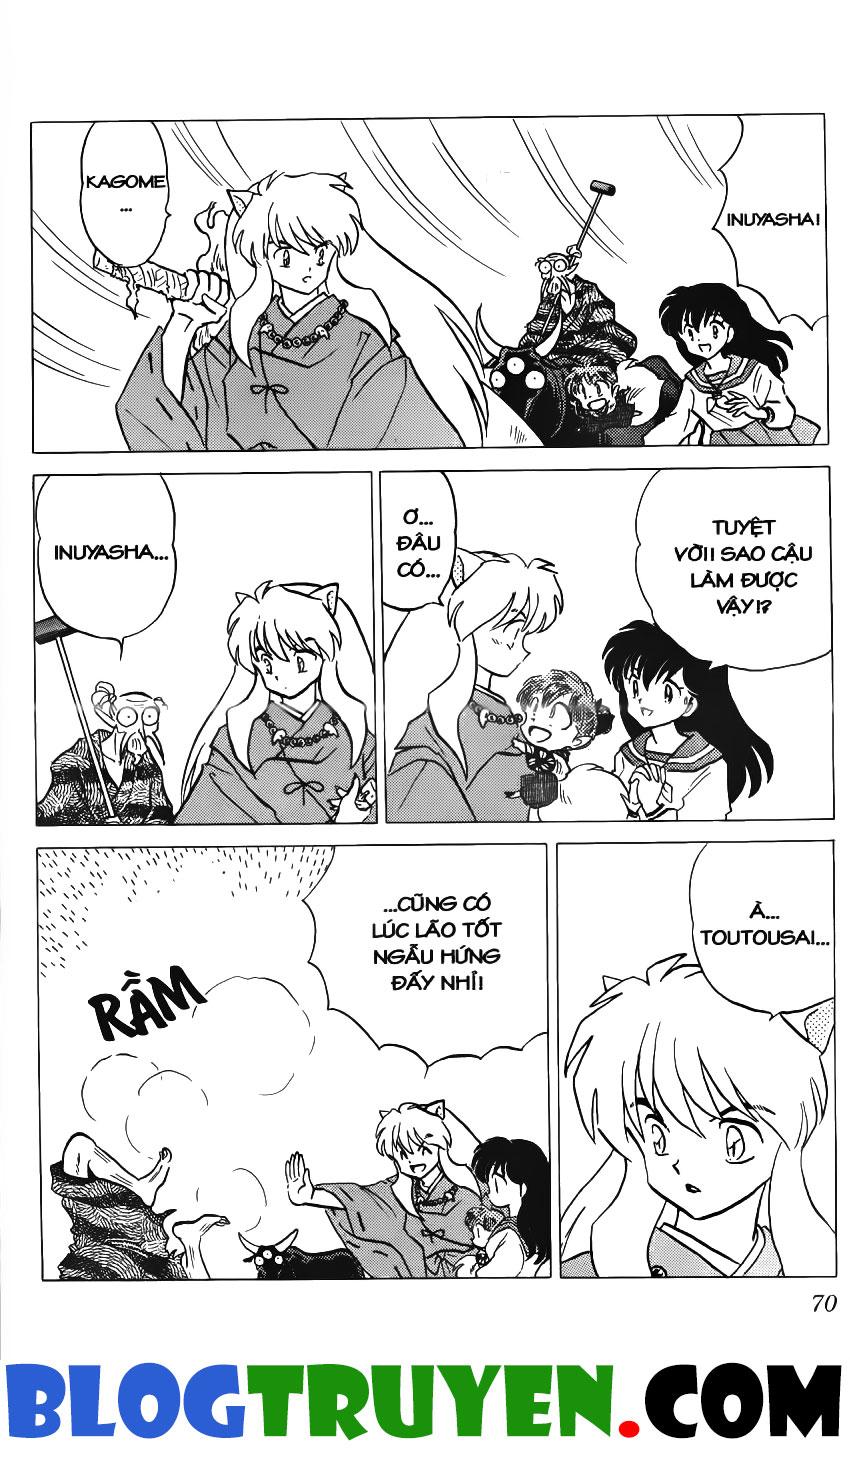 Inuyasha vol 20.4 trang 9